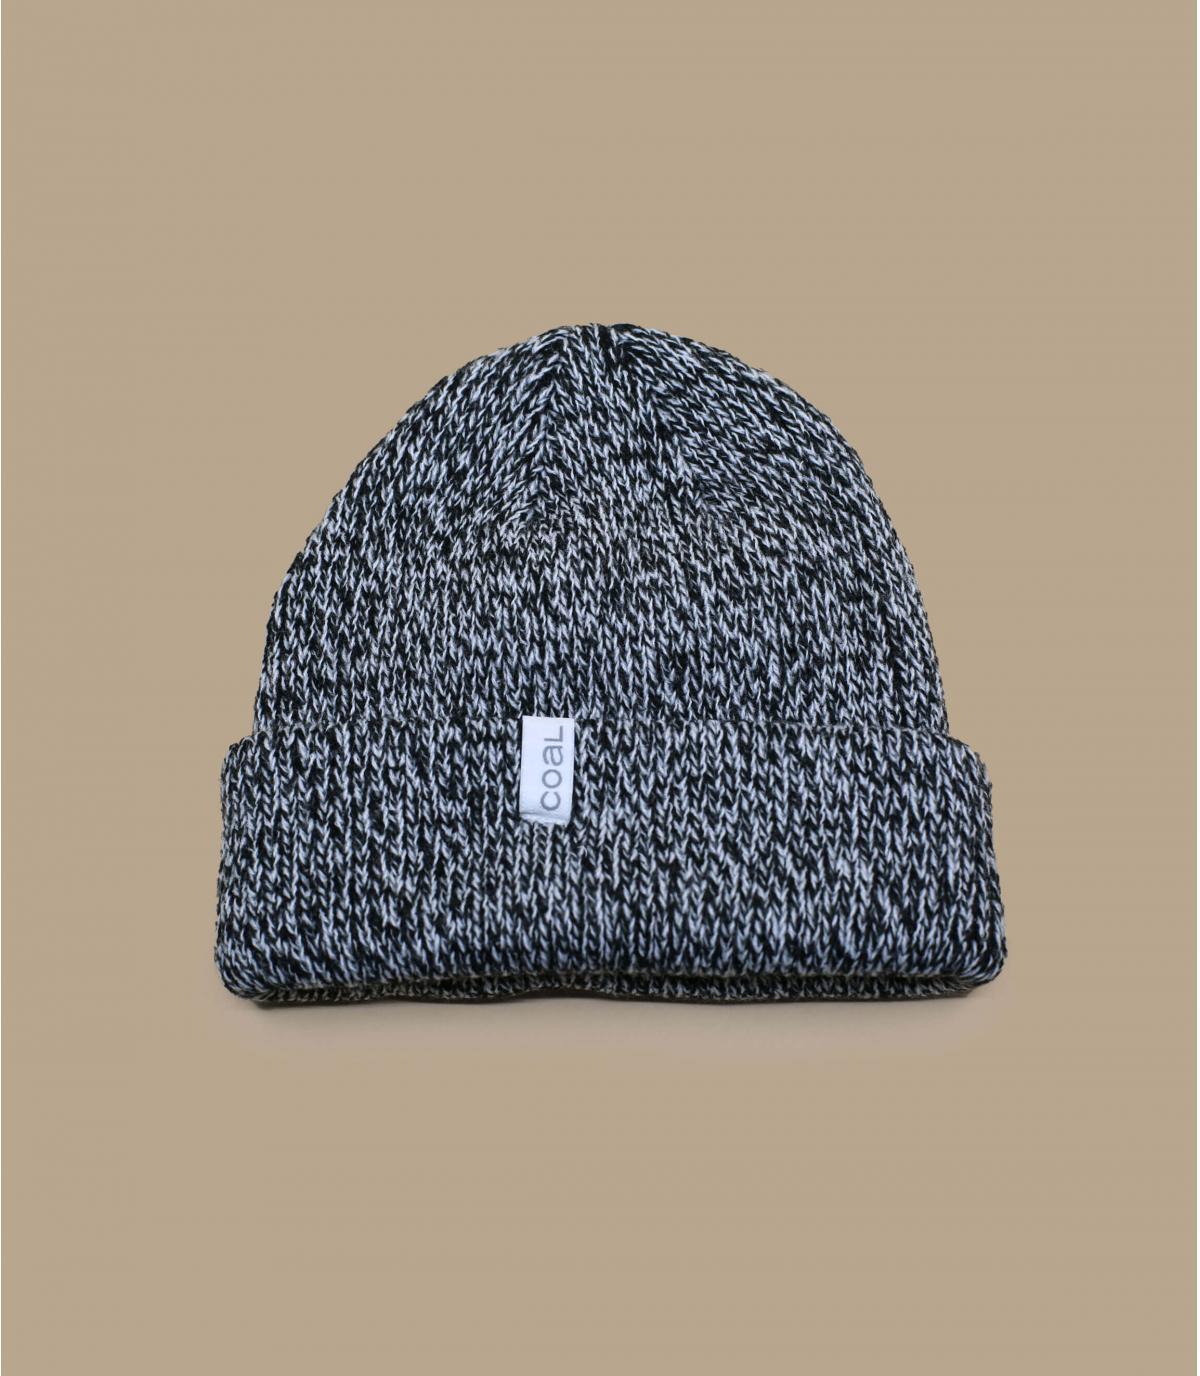 Cappellino con risvolto nero Coal